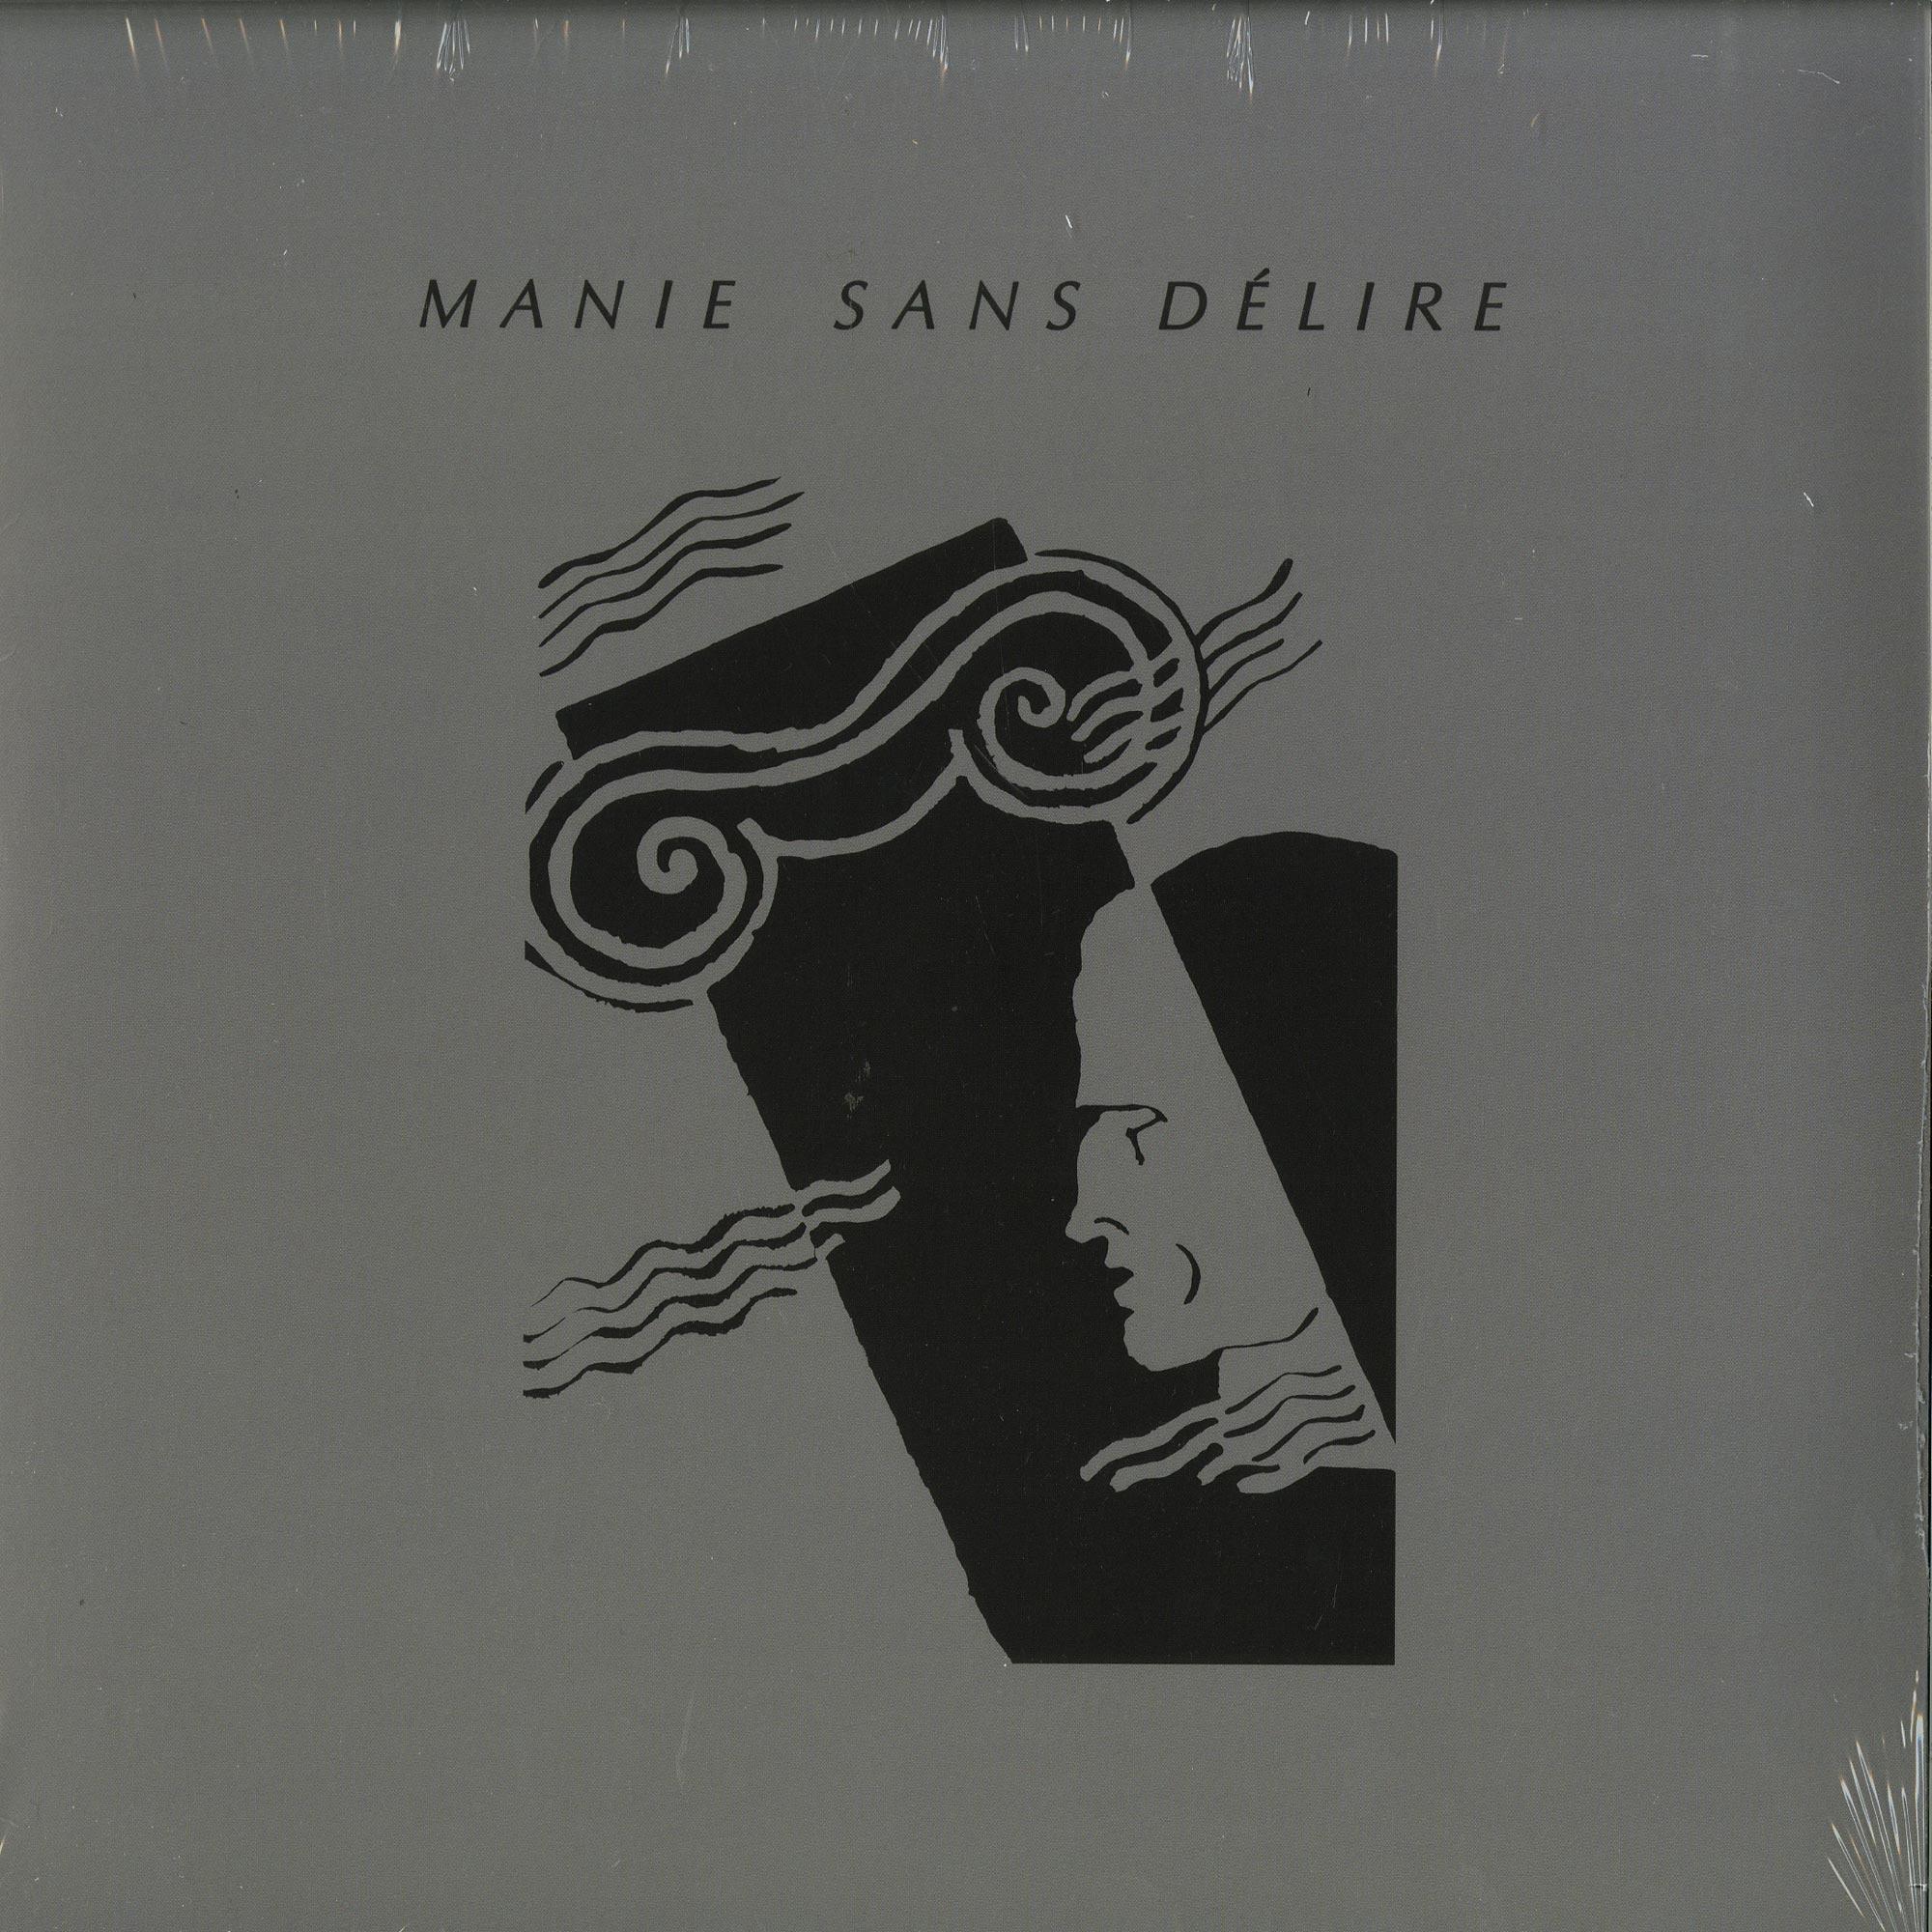 Manie Sans Delire - UNTITLED